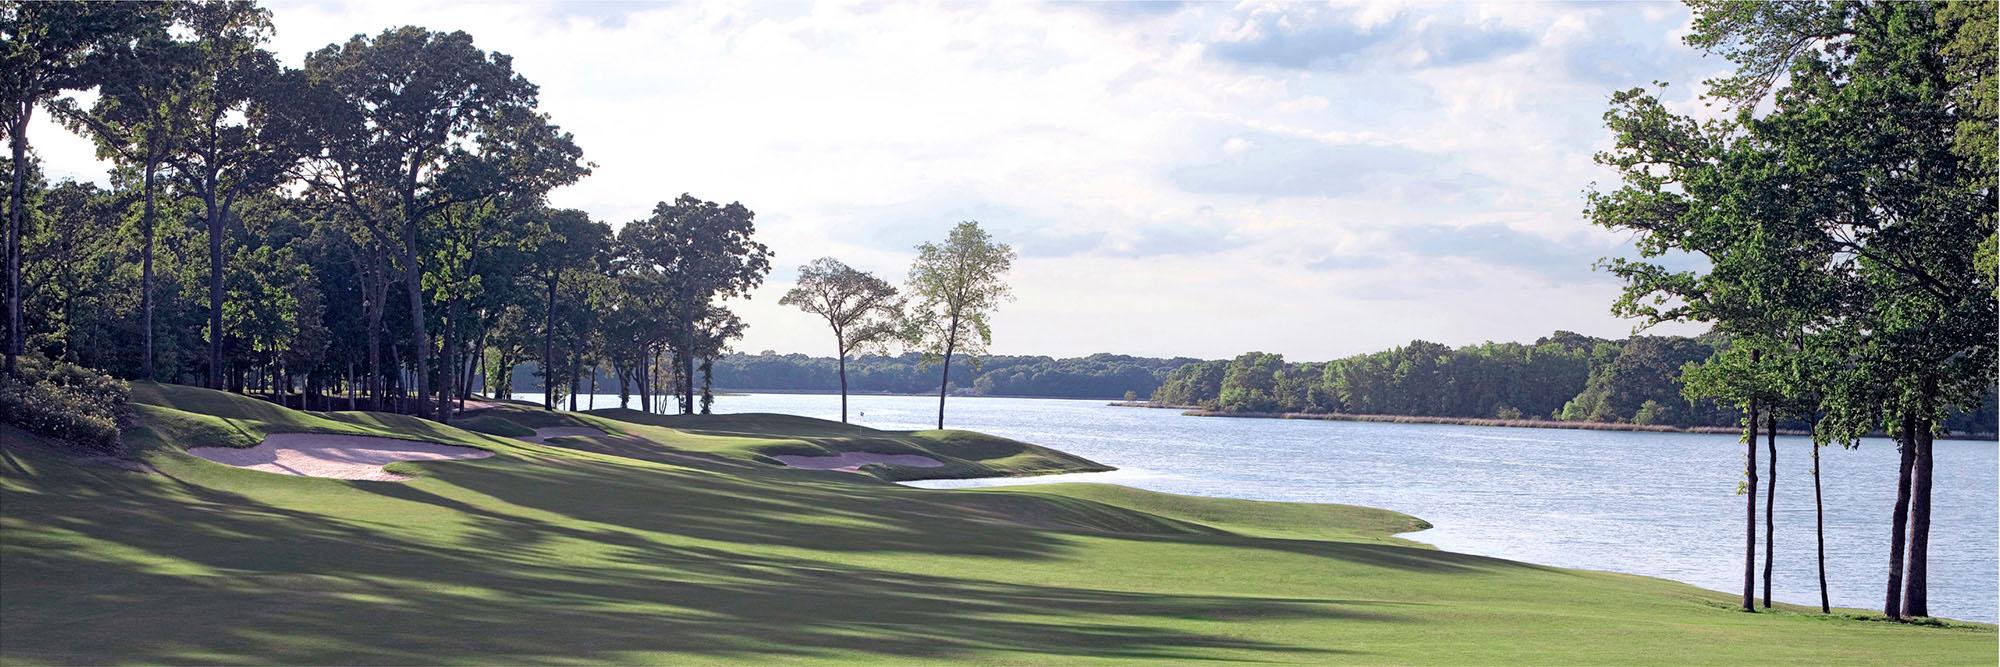 Golf Course Image - The Cascades Golf Club No. 1